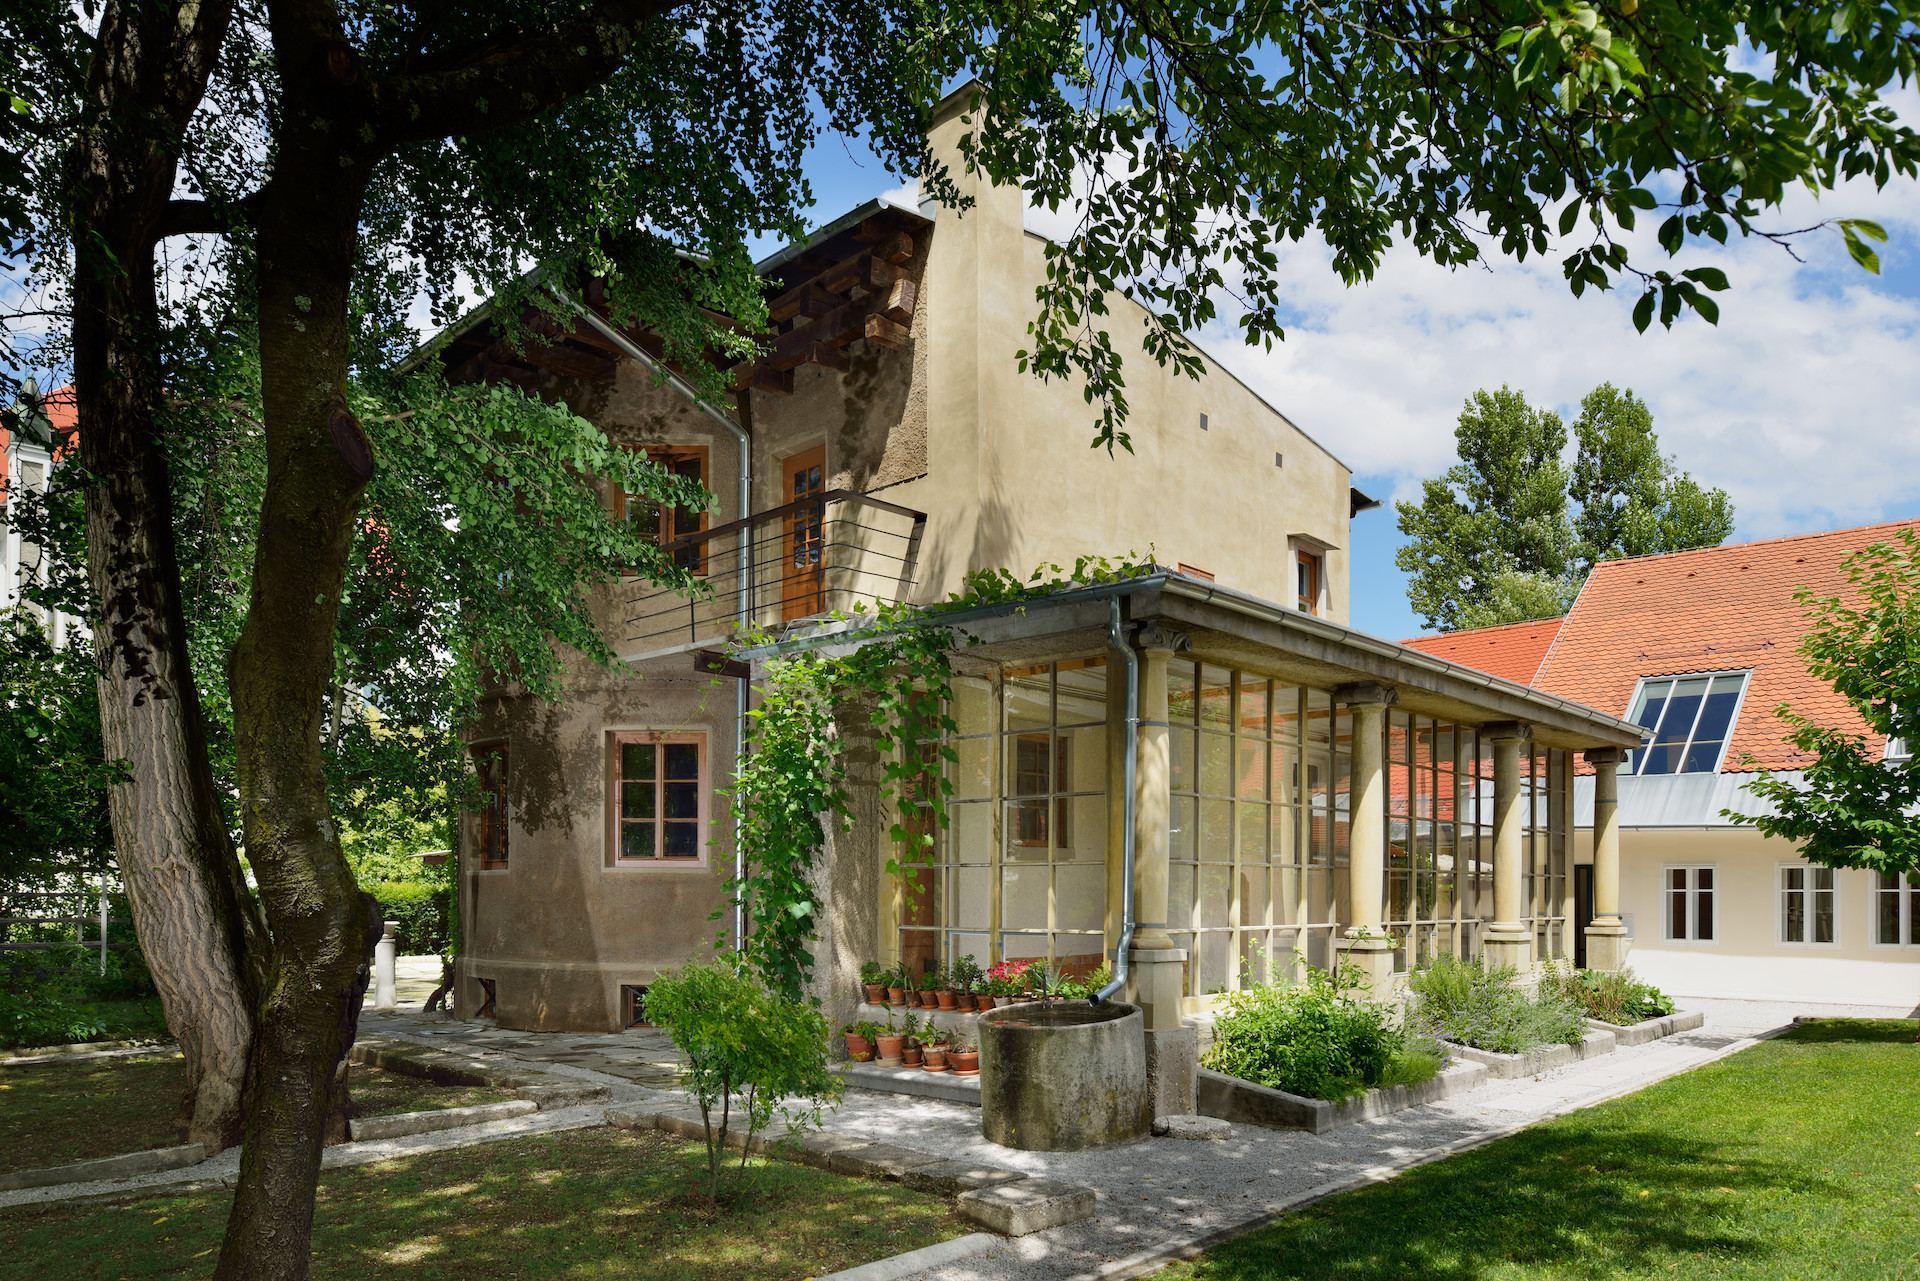 Plečnikův dům, Lublaň, Střední Slovinsko. Foto: Miran Kambic